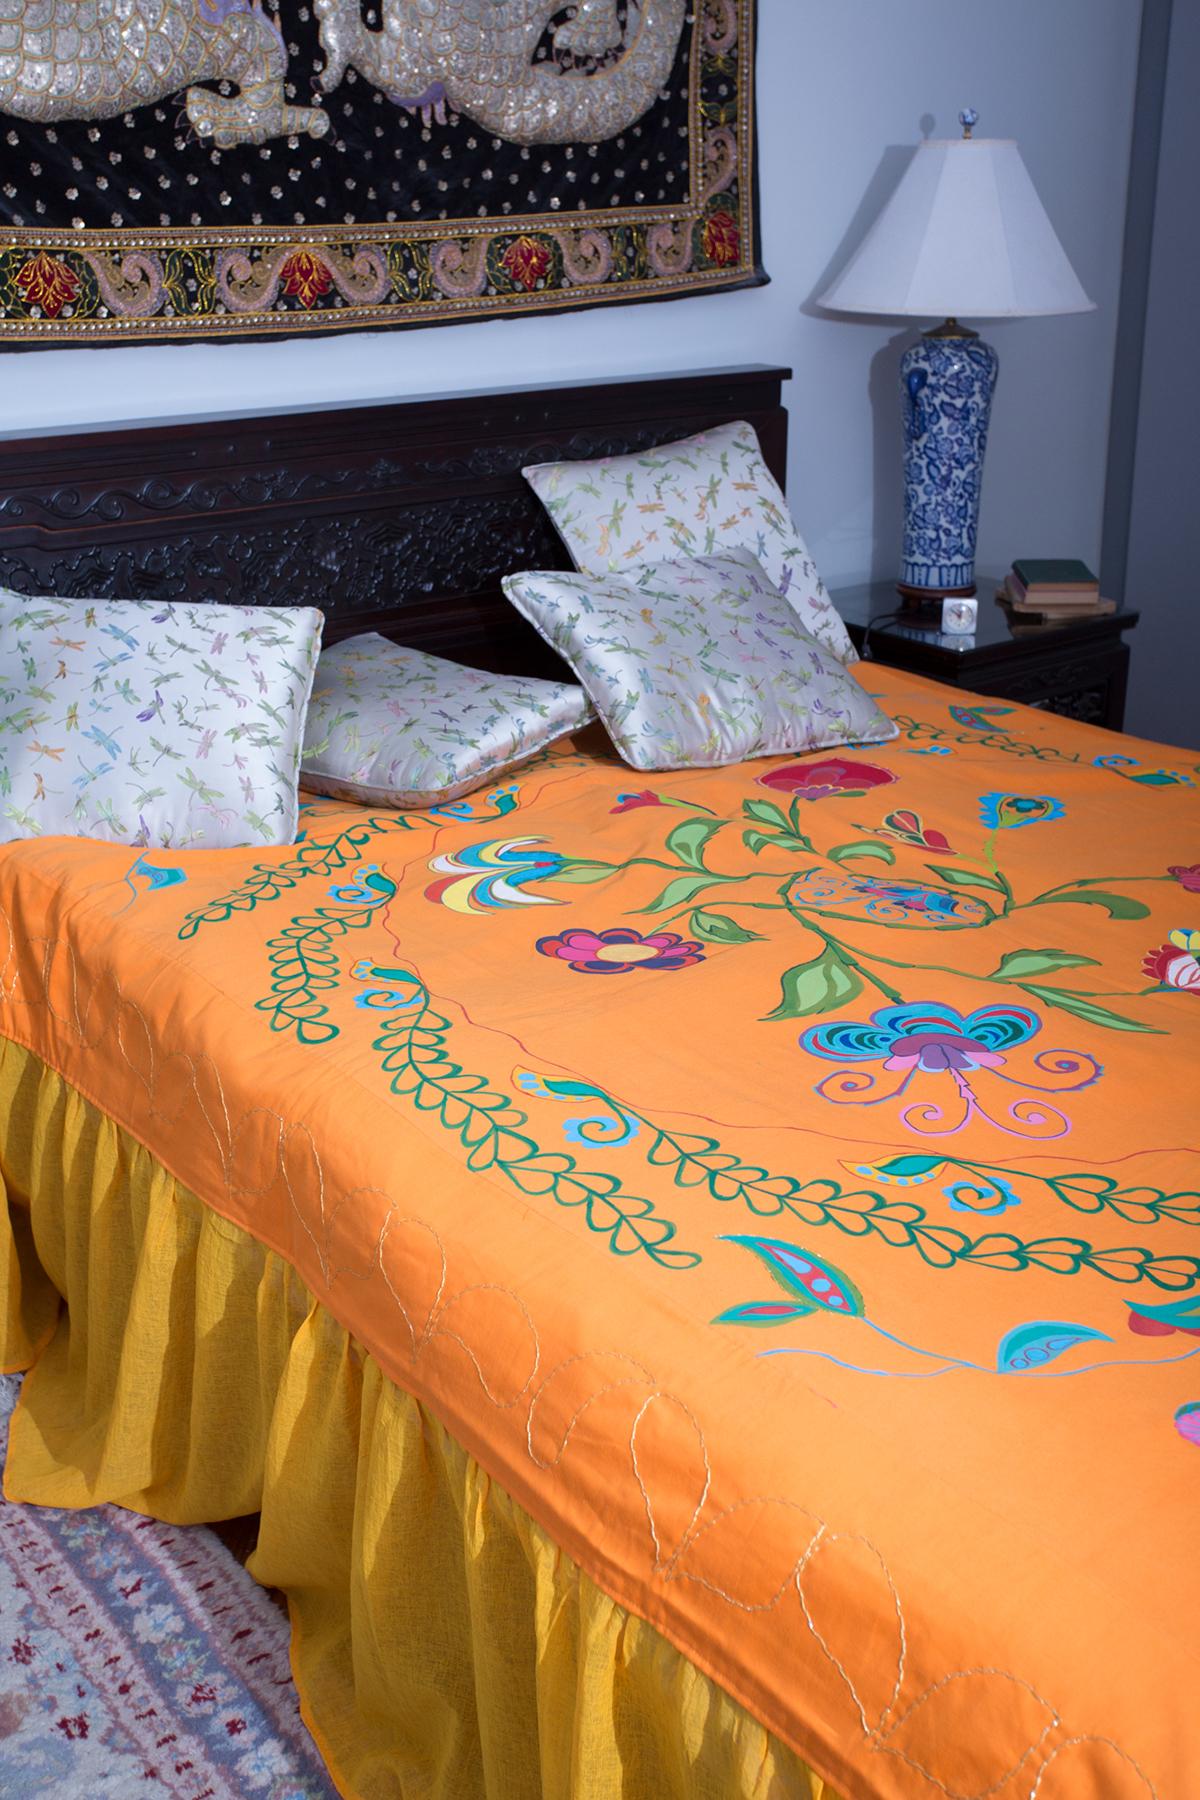 bed cover decorative textile home decor textile Unique Bed Decoration